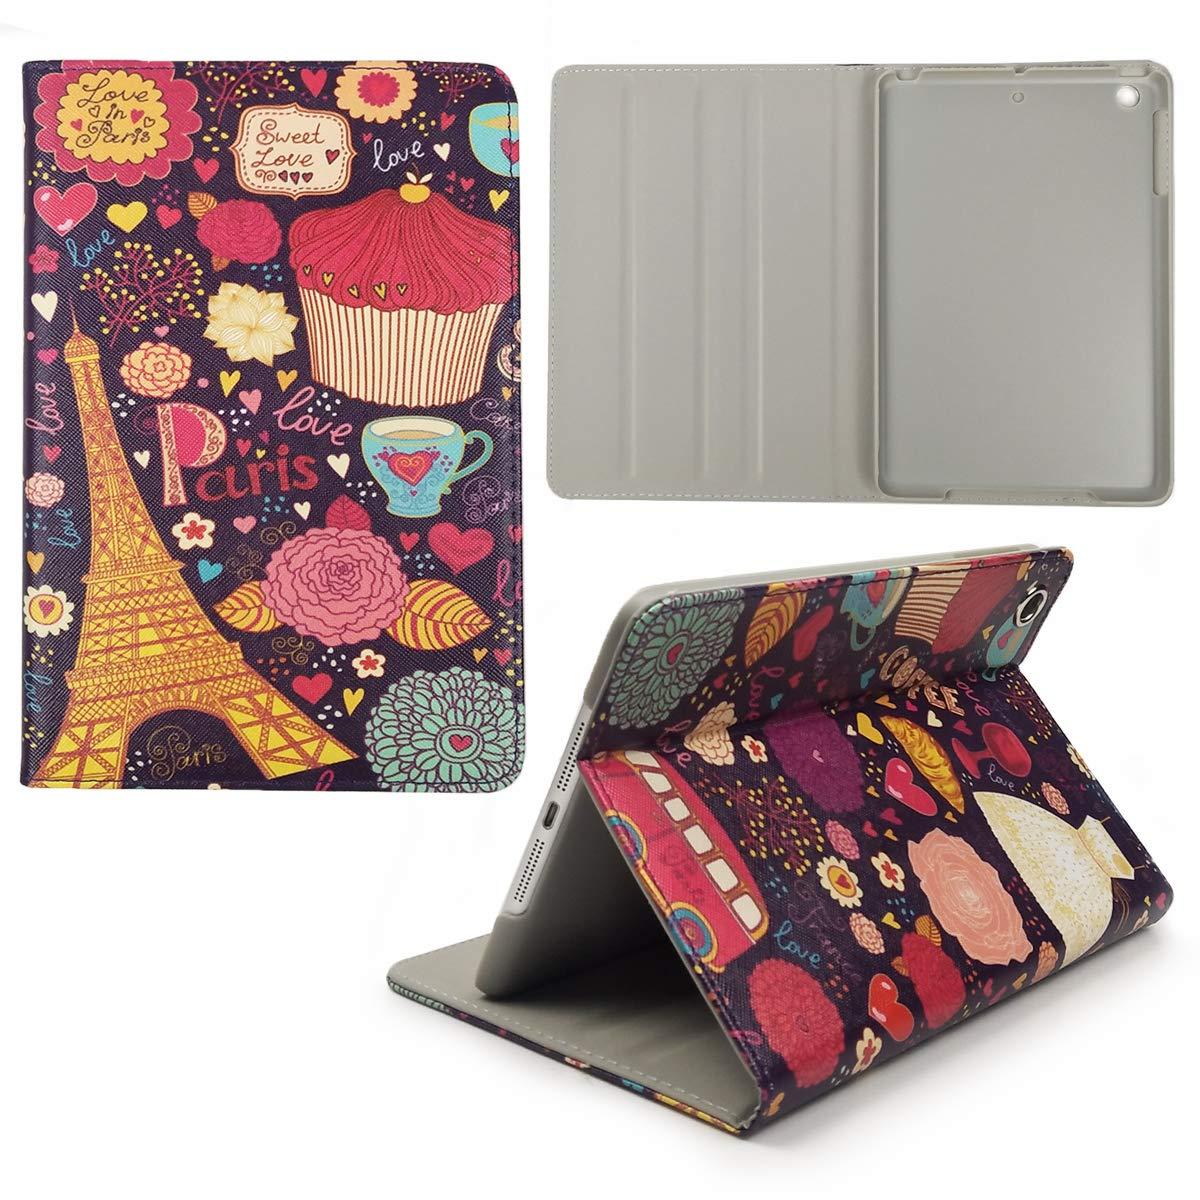 ファッションデザイナー iPad Mini 1/2/3 エレガントケース Apple ウルトラスリム 合成皮革 Dream マグネット式 1/2/3 キックスタンド スマートカバー [自動スリープ/ウェイク機能] Apple iPad Mini 1/2/3用保護カバー mini 1/ mini 2/mini 3 F-Paris Dream B07KVF1P6R, リトルプリンセスルーム:4d05680a --- a0267596.xsph.ru